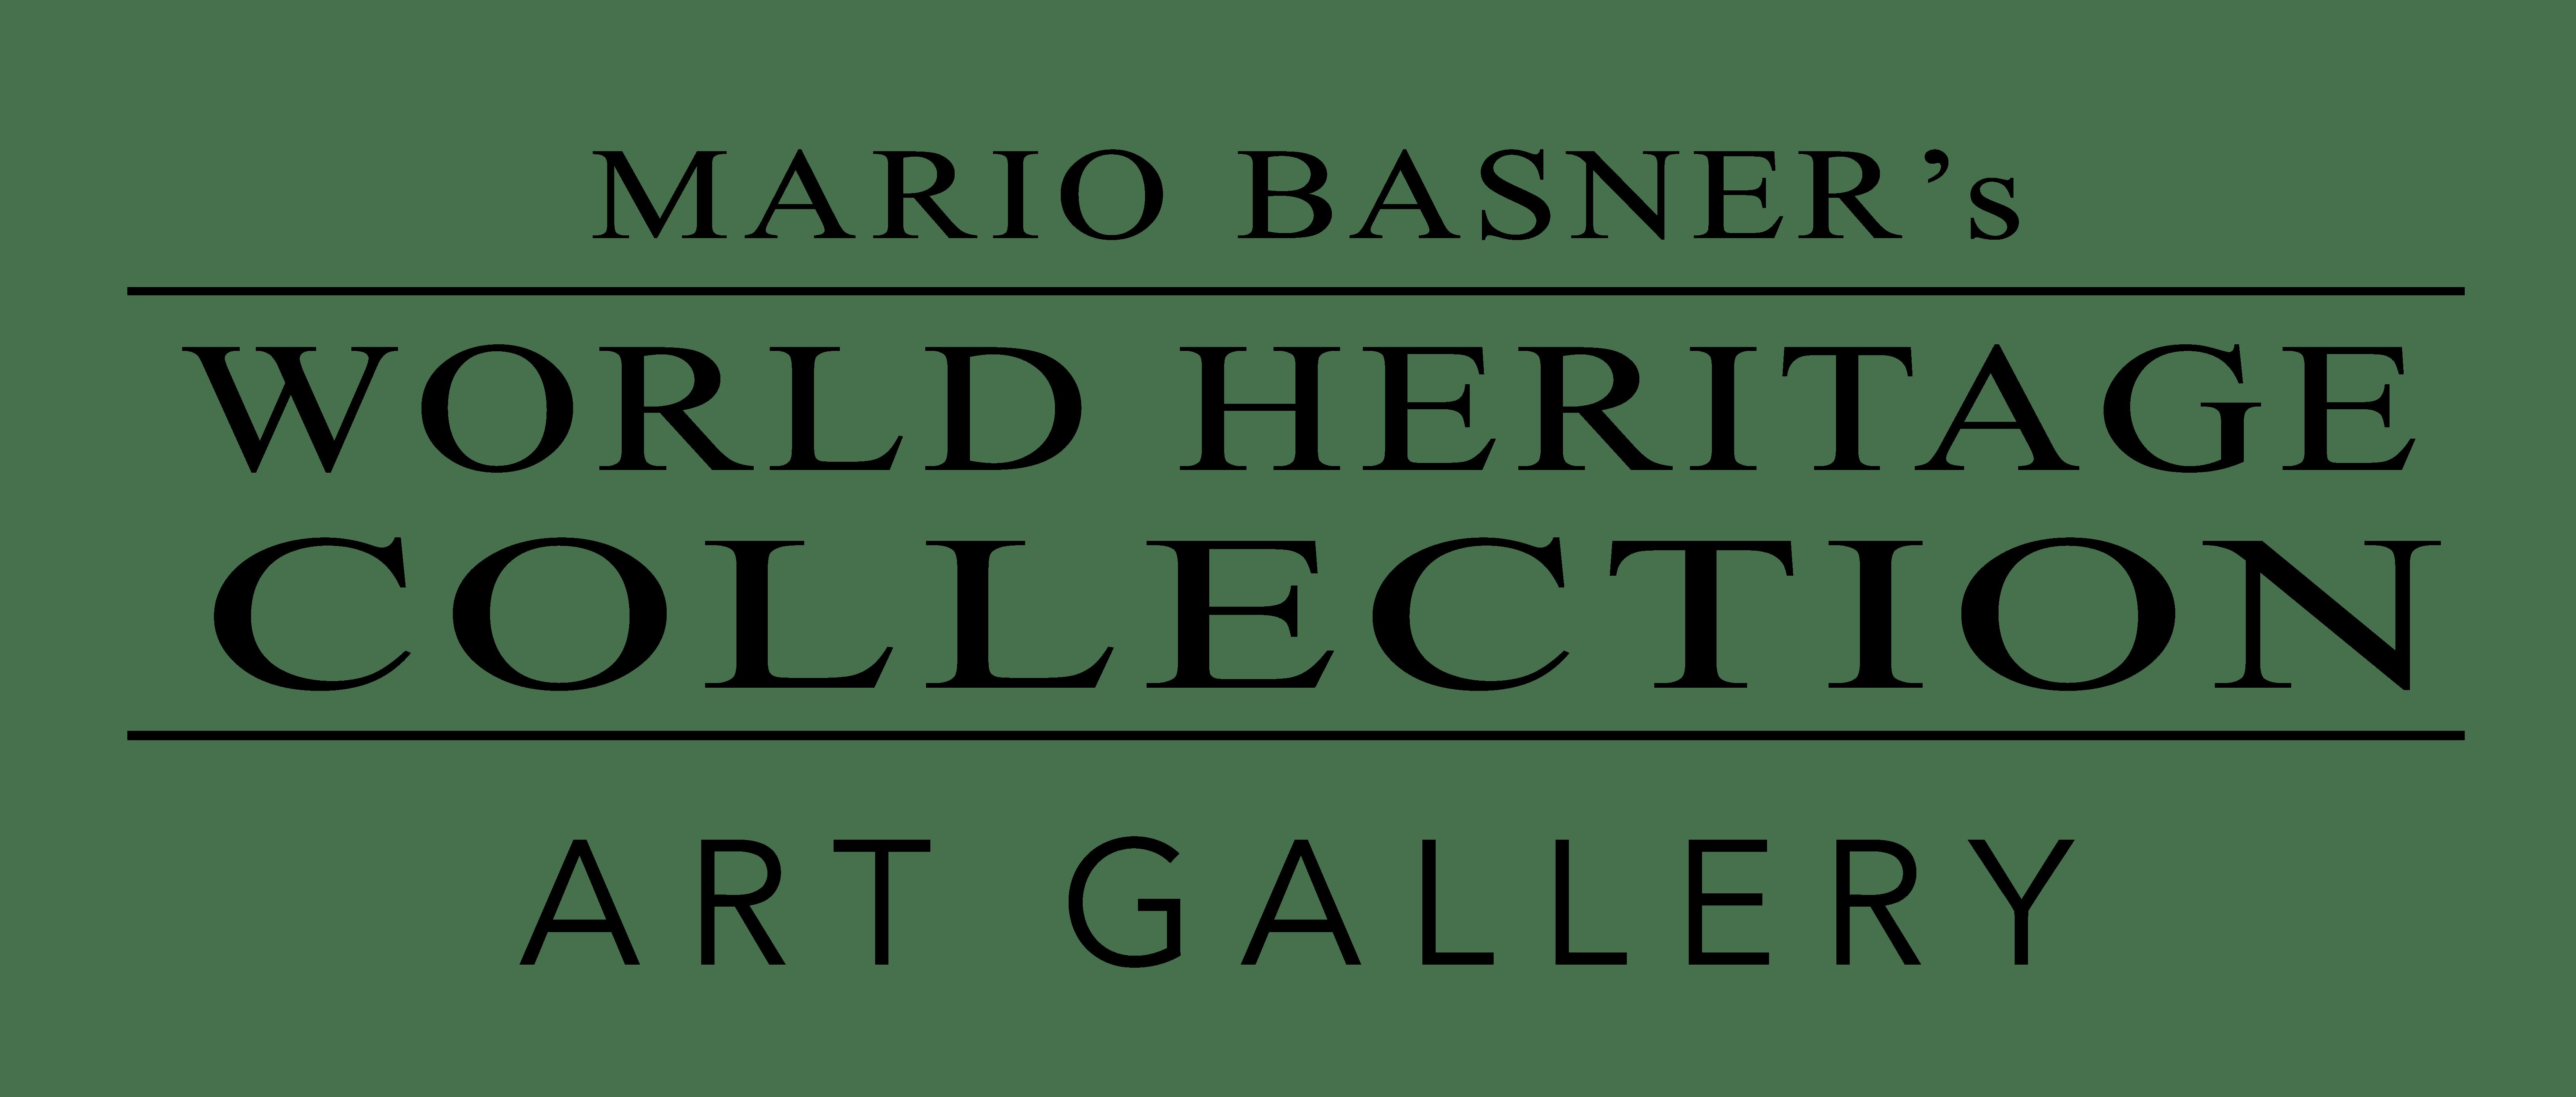 Mario Basner Photography company logo